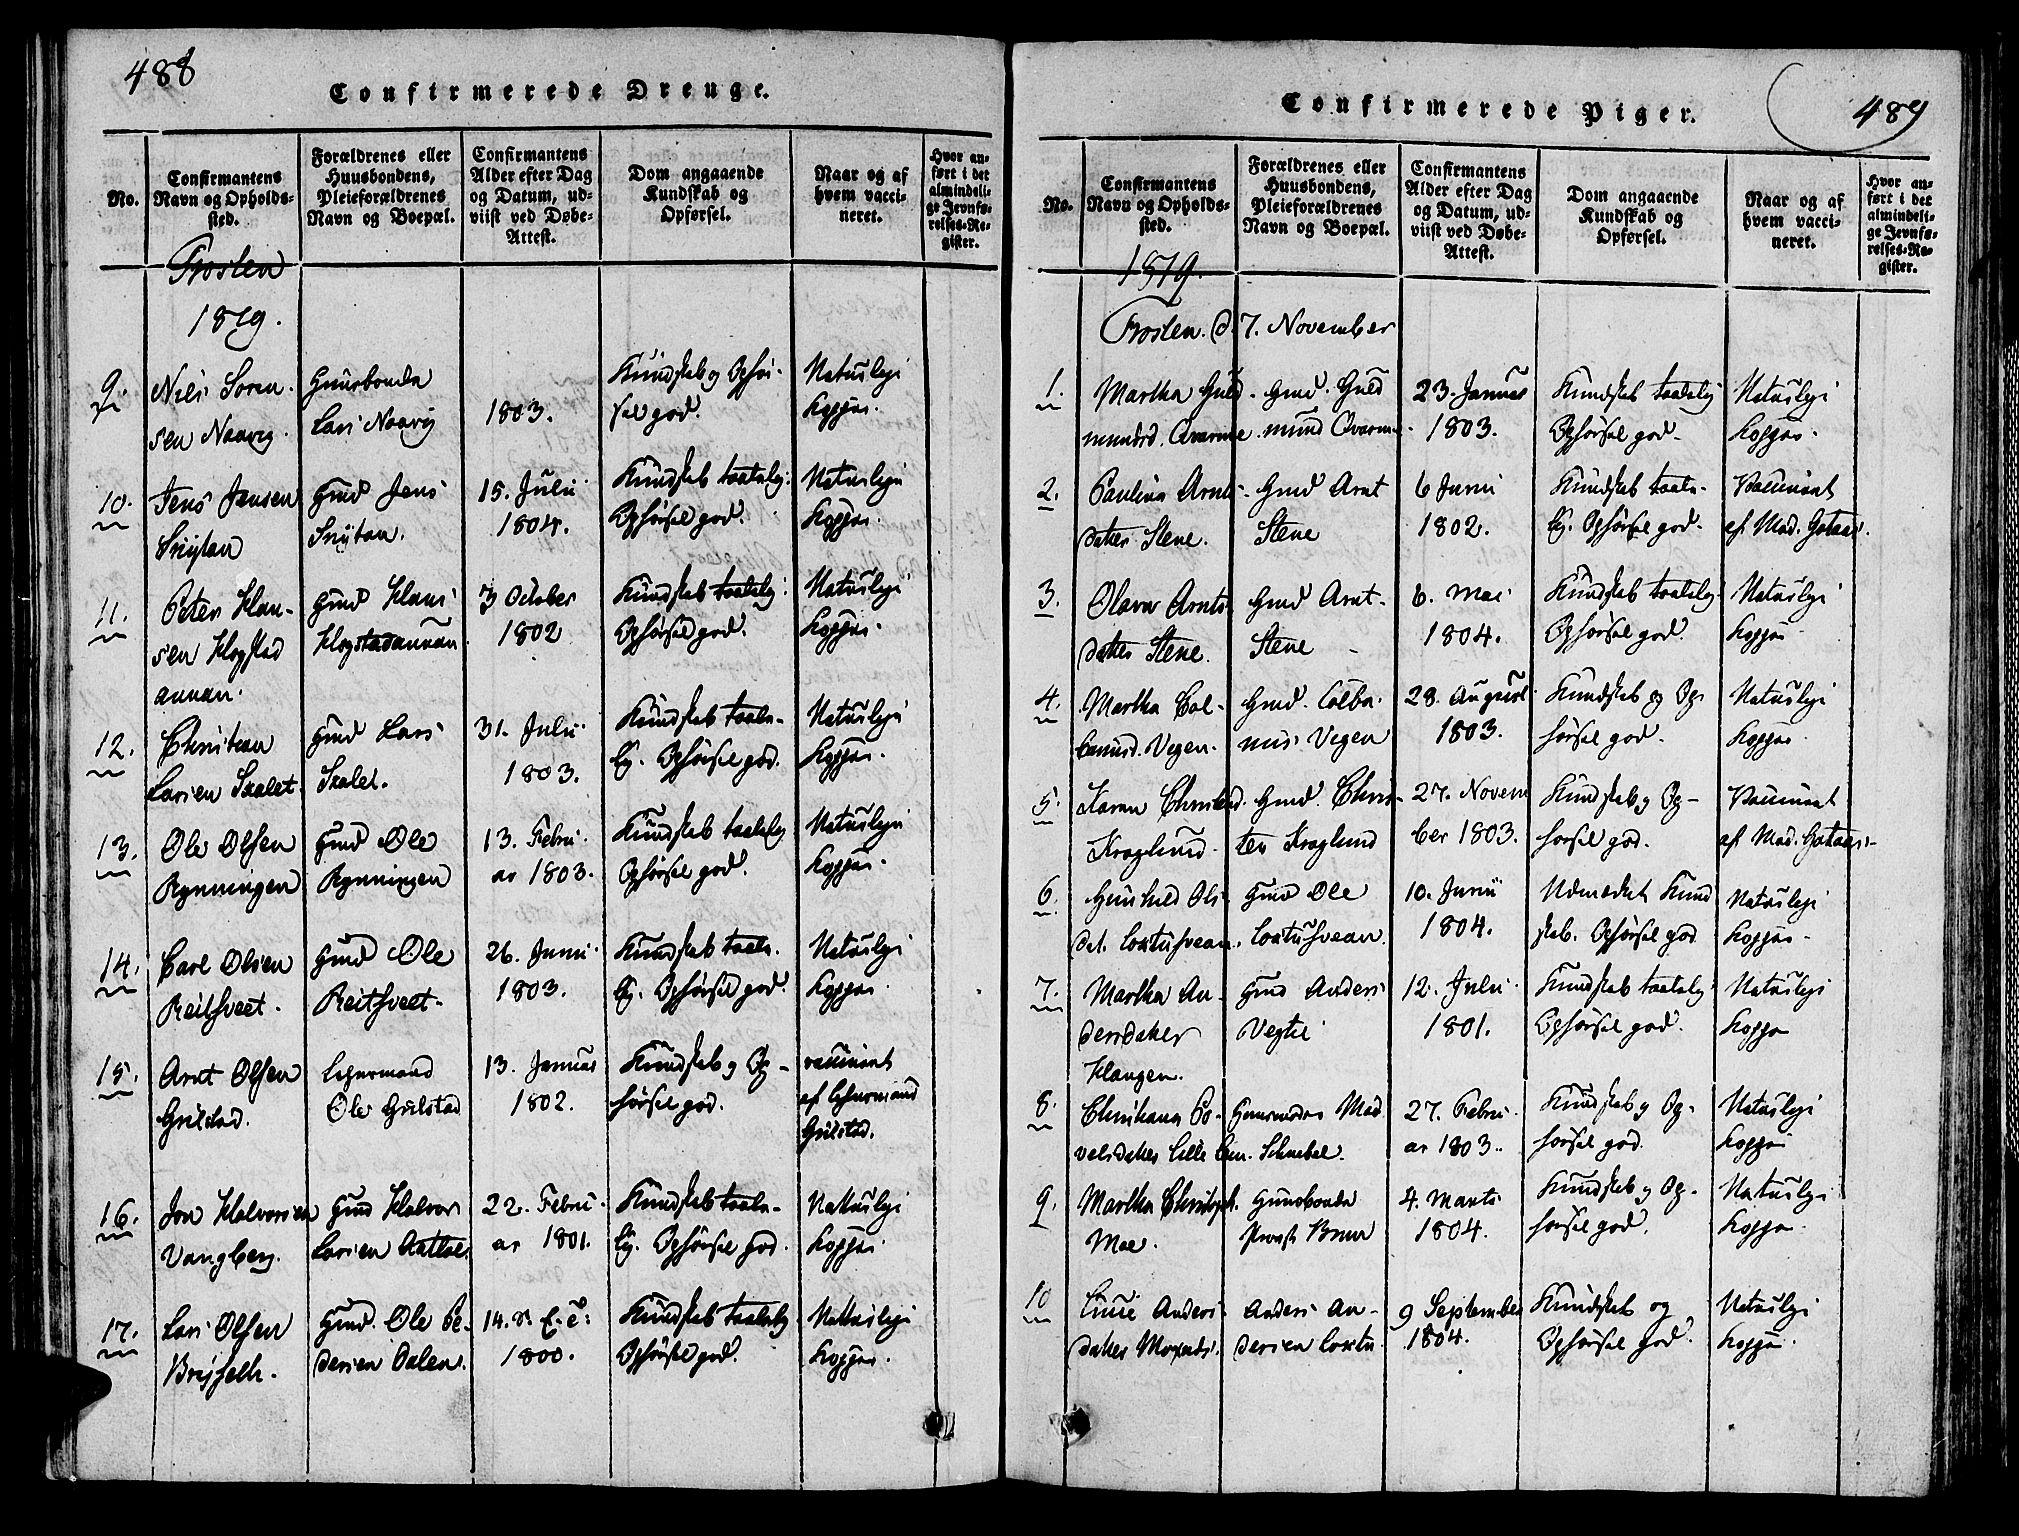 SAT, Ministerialprotokoller, klokkerbøker og fødselsregistre - Nord-Trøndelag, 713/L0112: Ministerialbok nr. 713A04 /1, 1817-1827, s. 488-489